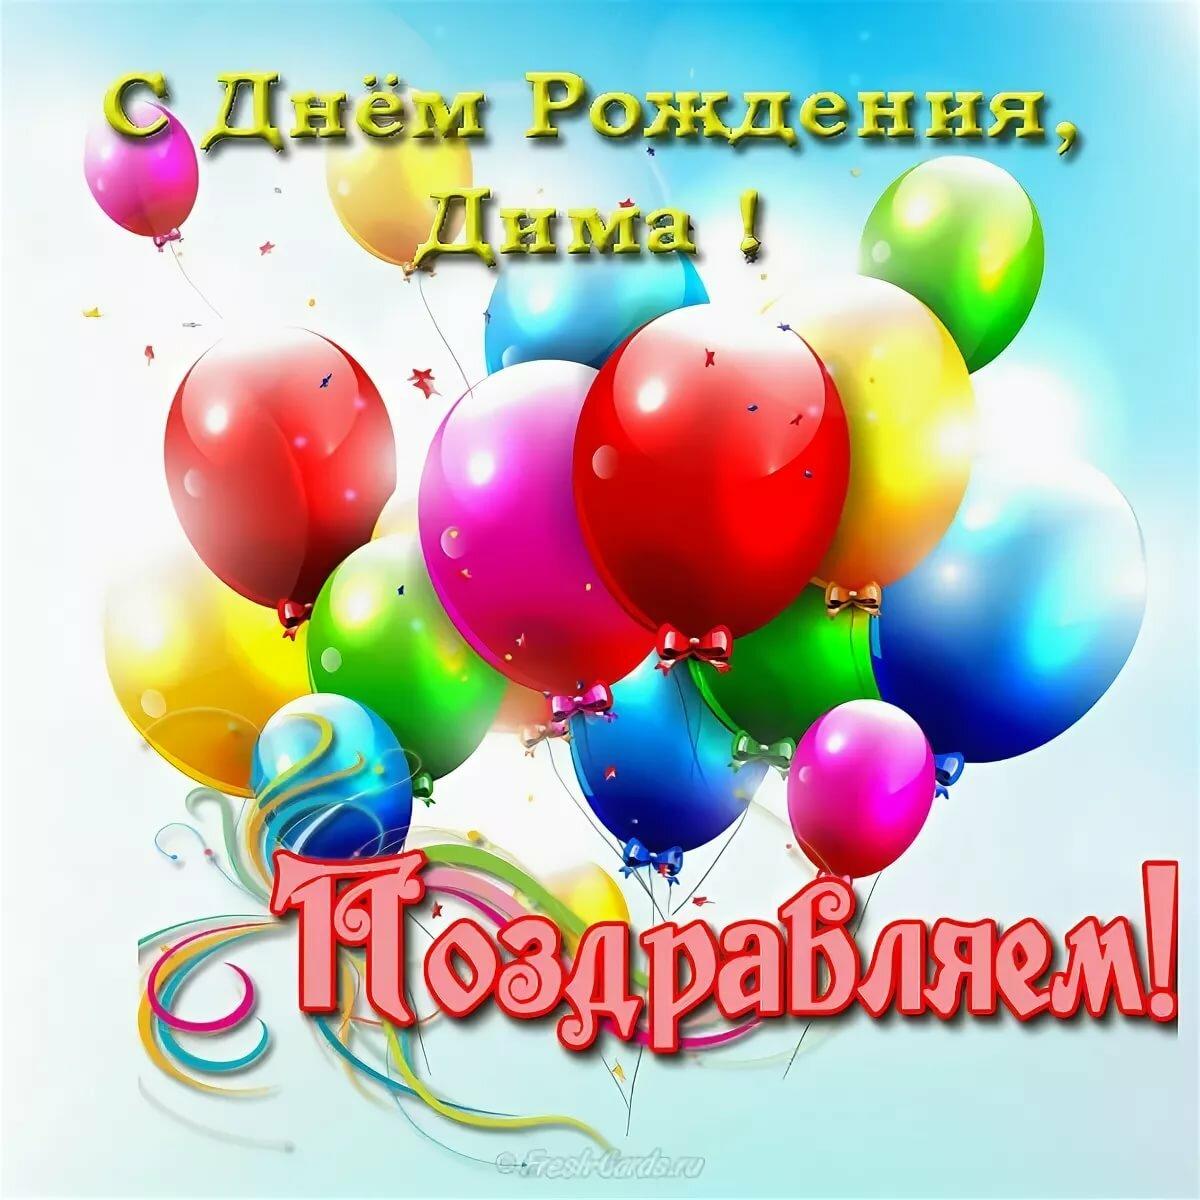 Поздравление с днем рождения диме 4 года